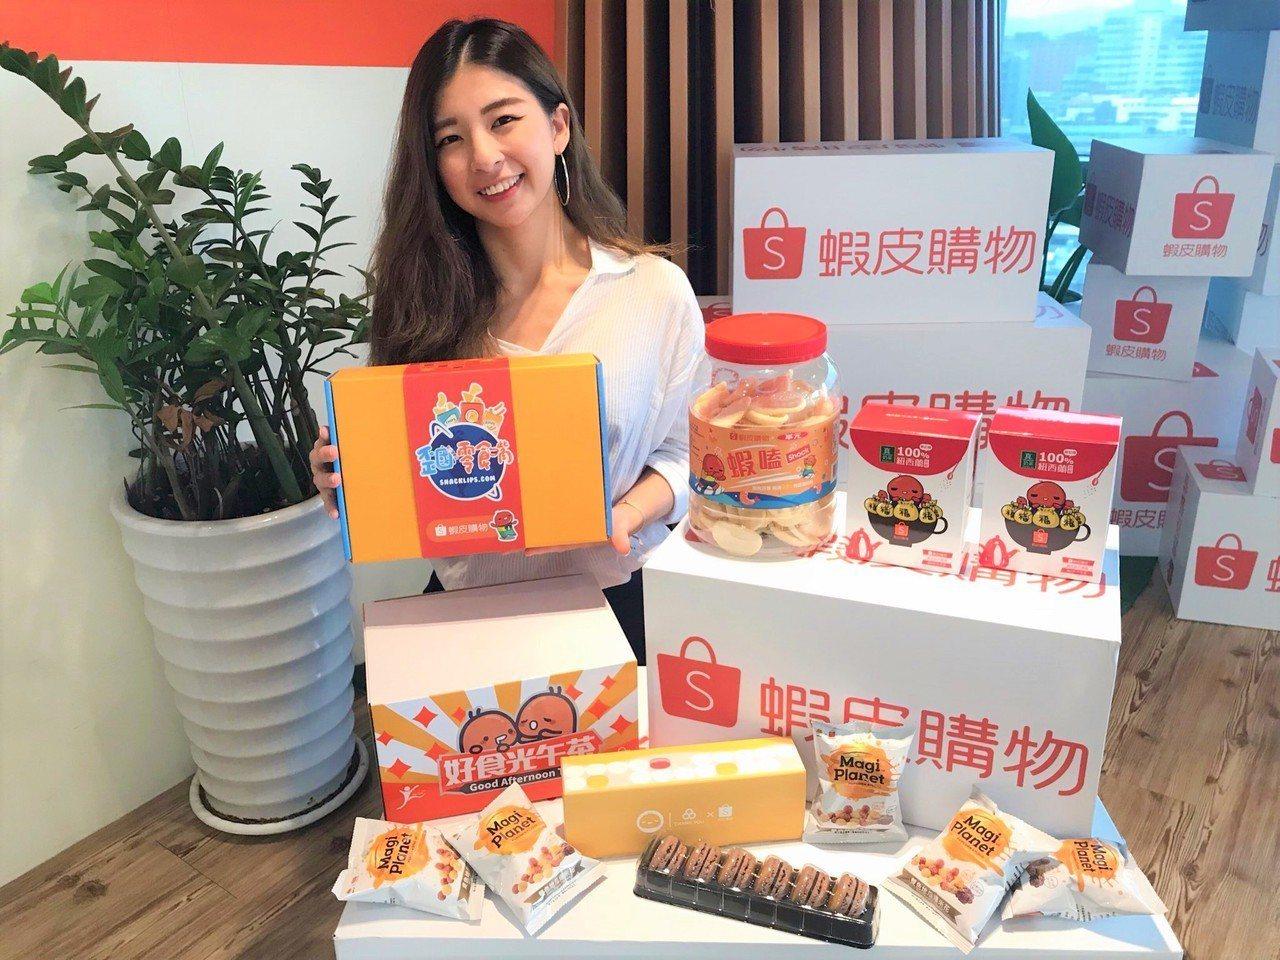 蝦皮購物舉辦「517吃貨節」,與6大品牌合作推出獨家限量聯名商品5折起。圖/蝦皮...